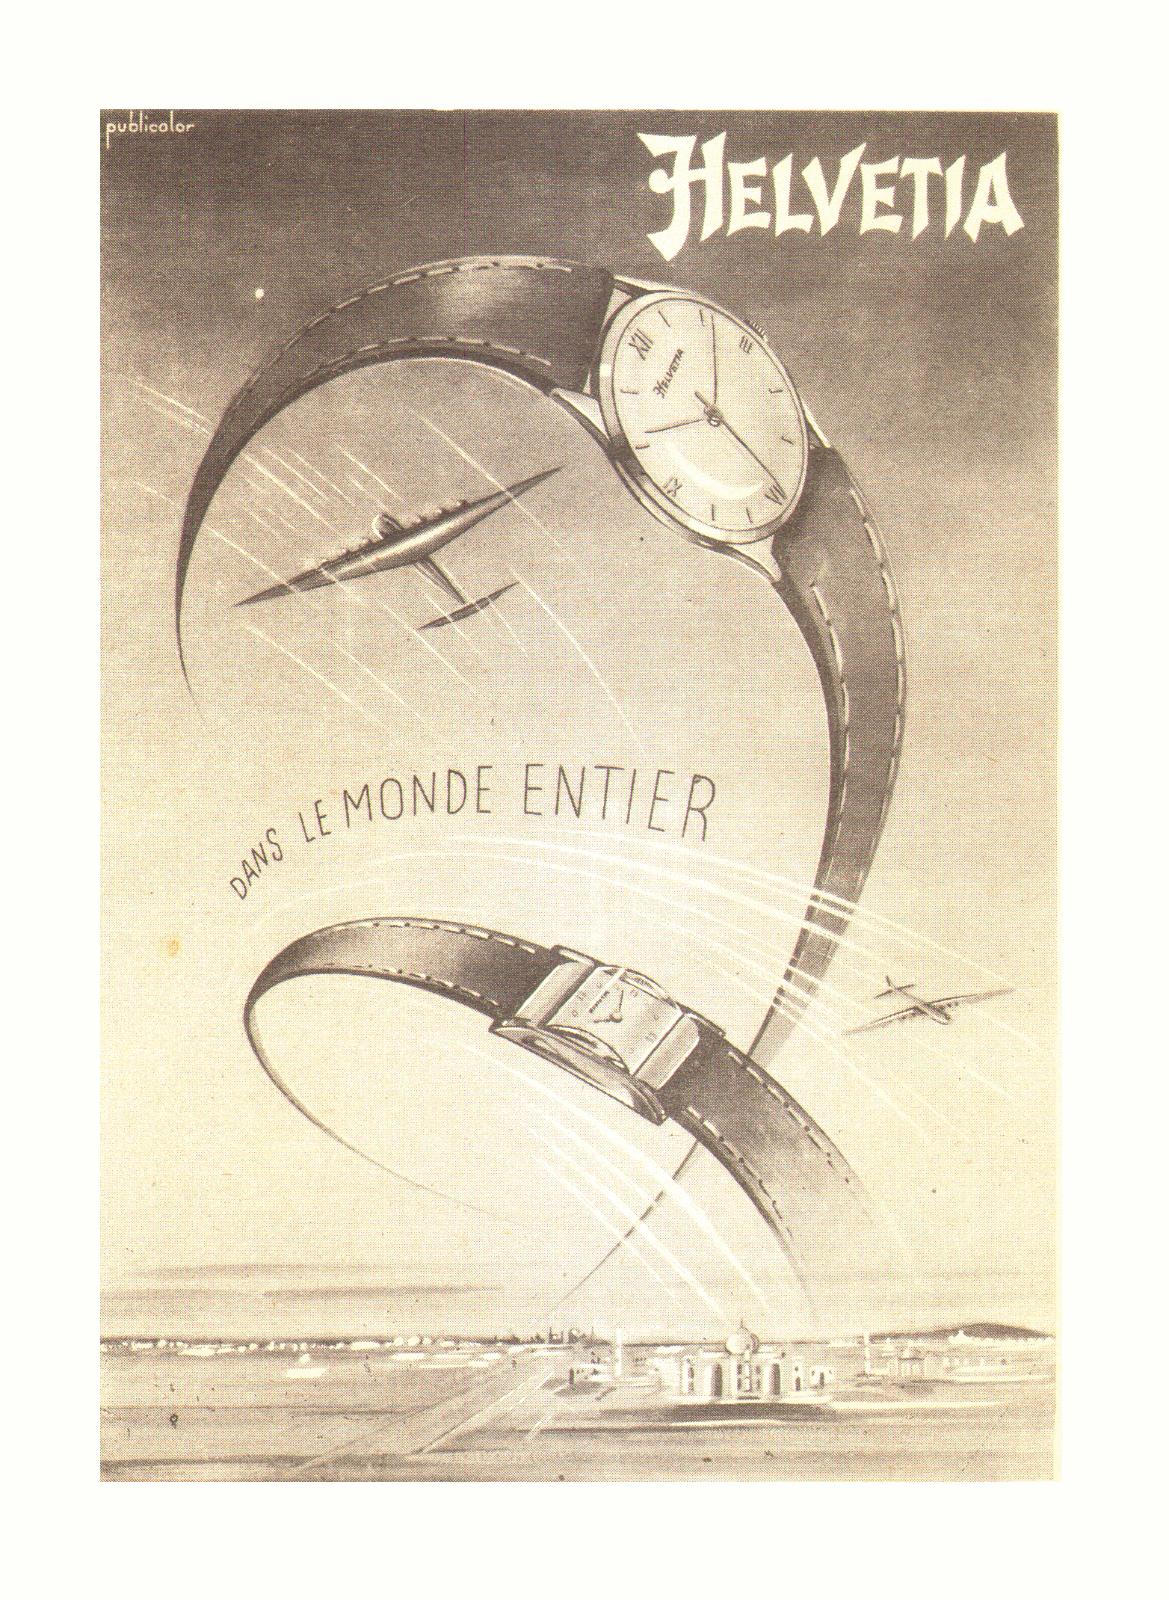 Helvetia Advertisement Circa 1950